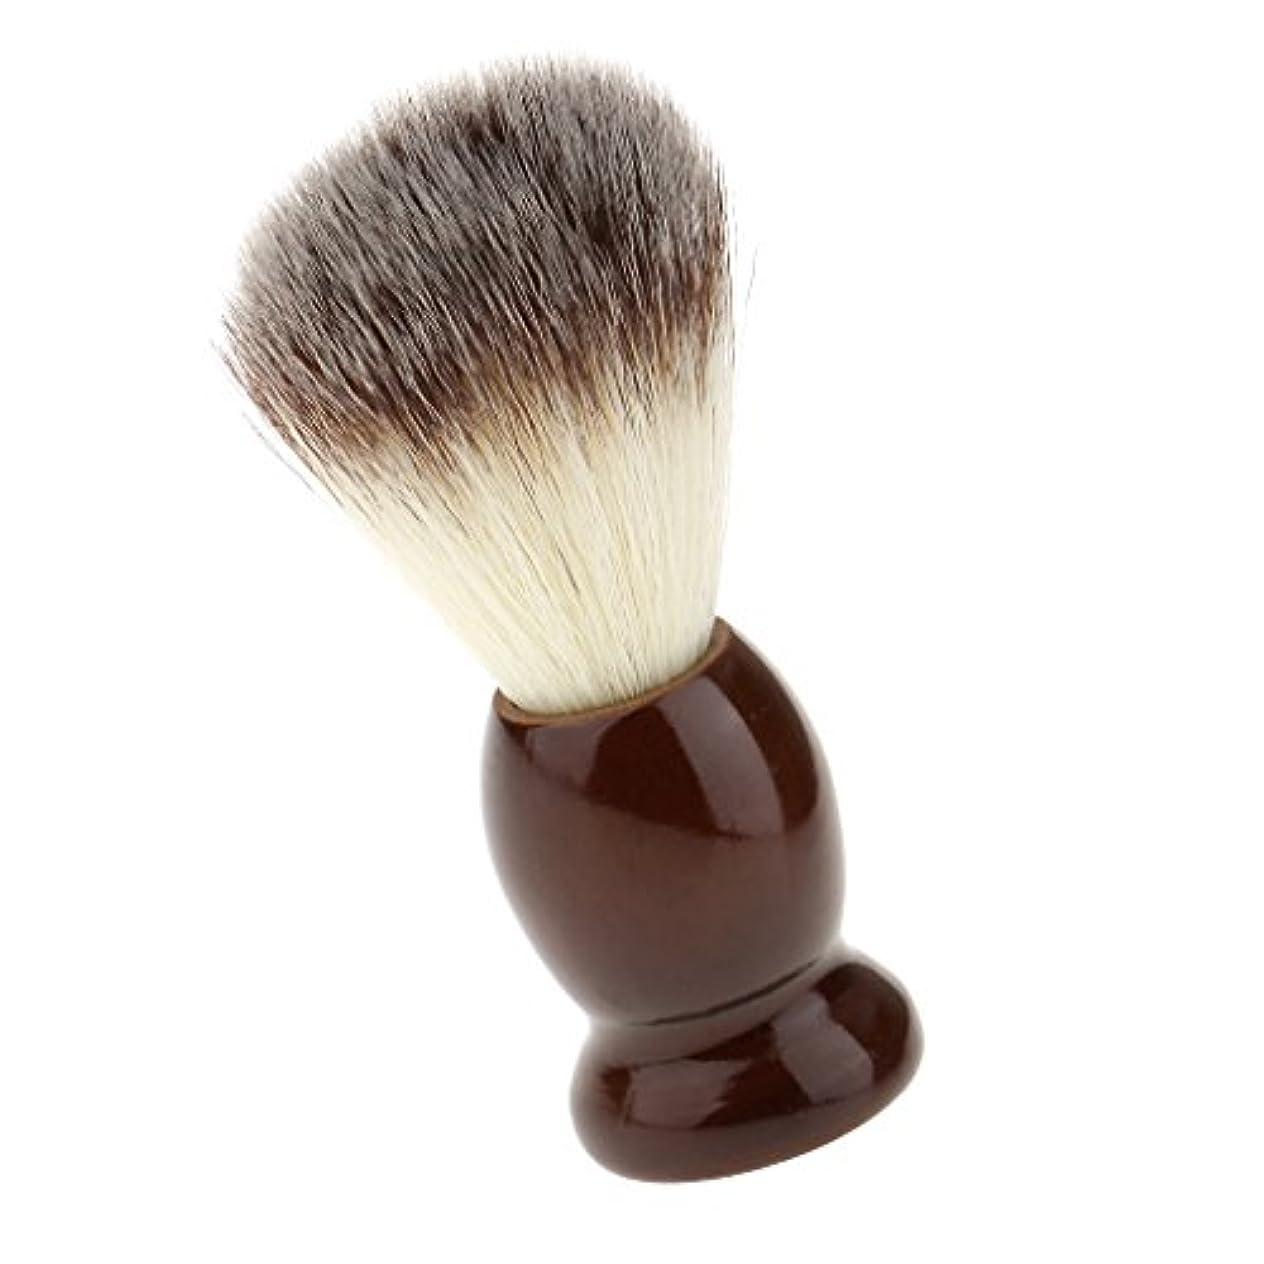 不適からに変化する反射SONONIA ナイロン製 シェービングブラシ サロン 柔らかい 髭剃り 洗顔 理容   便携 10.5cm  ブラウン